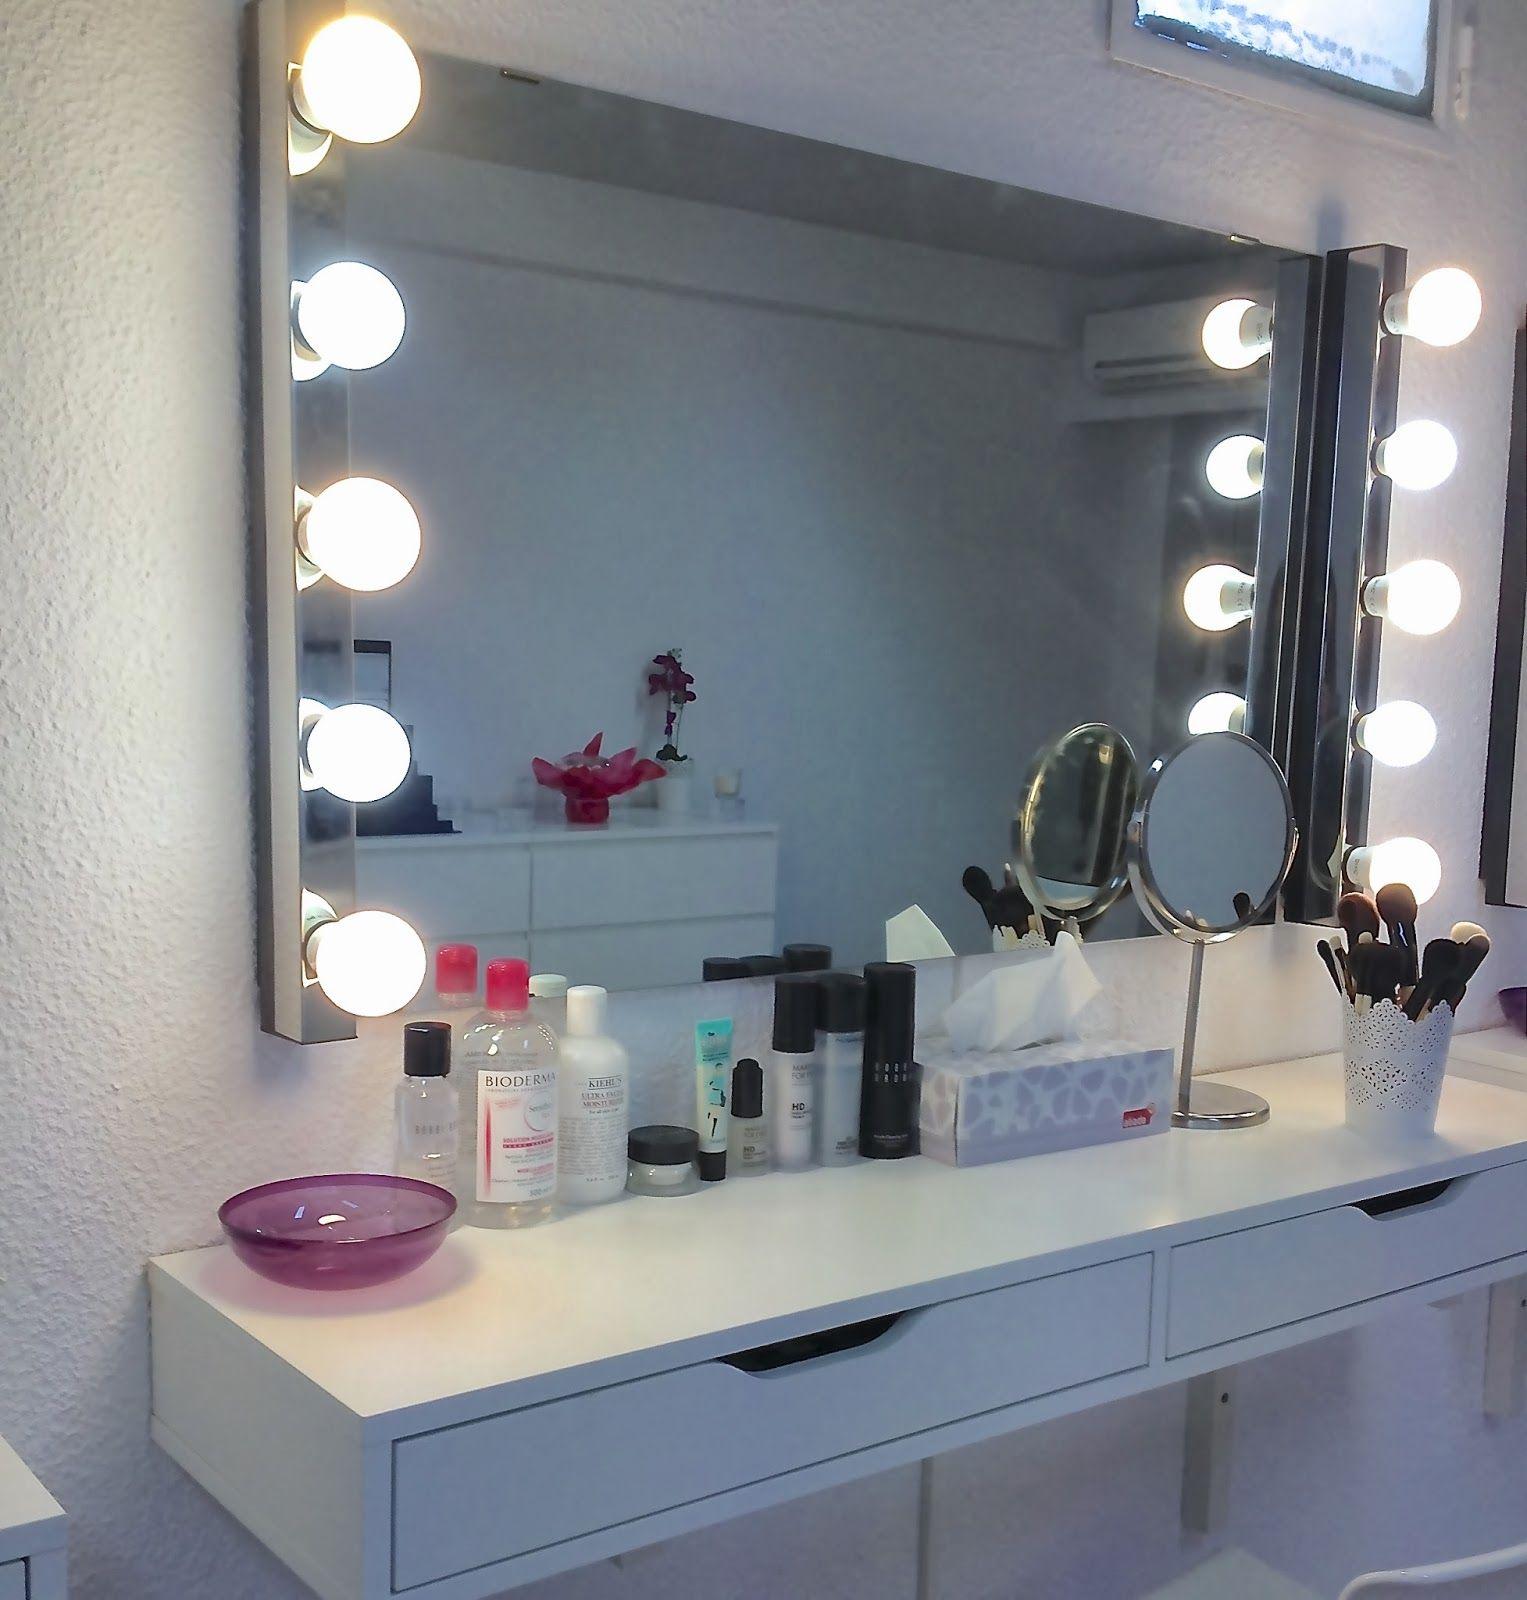 Les 25 meilleures id es de la cat gorie espejos con luz - Espejos con bombillas ...